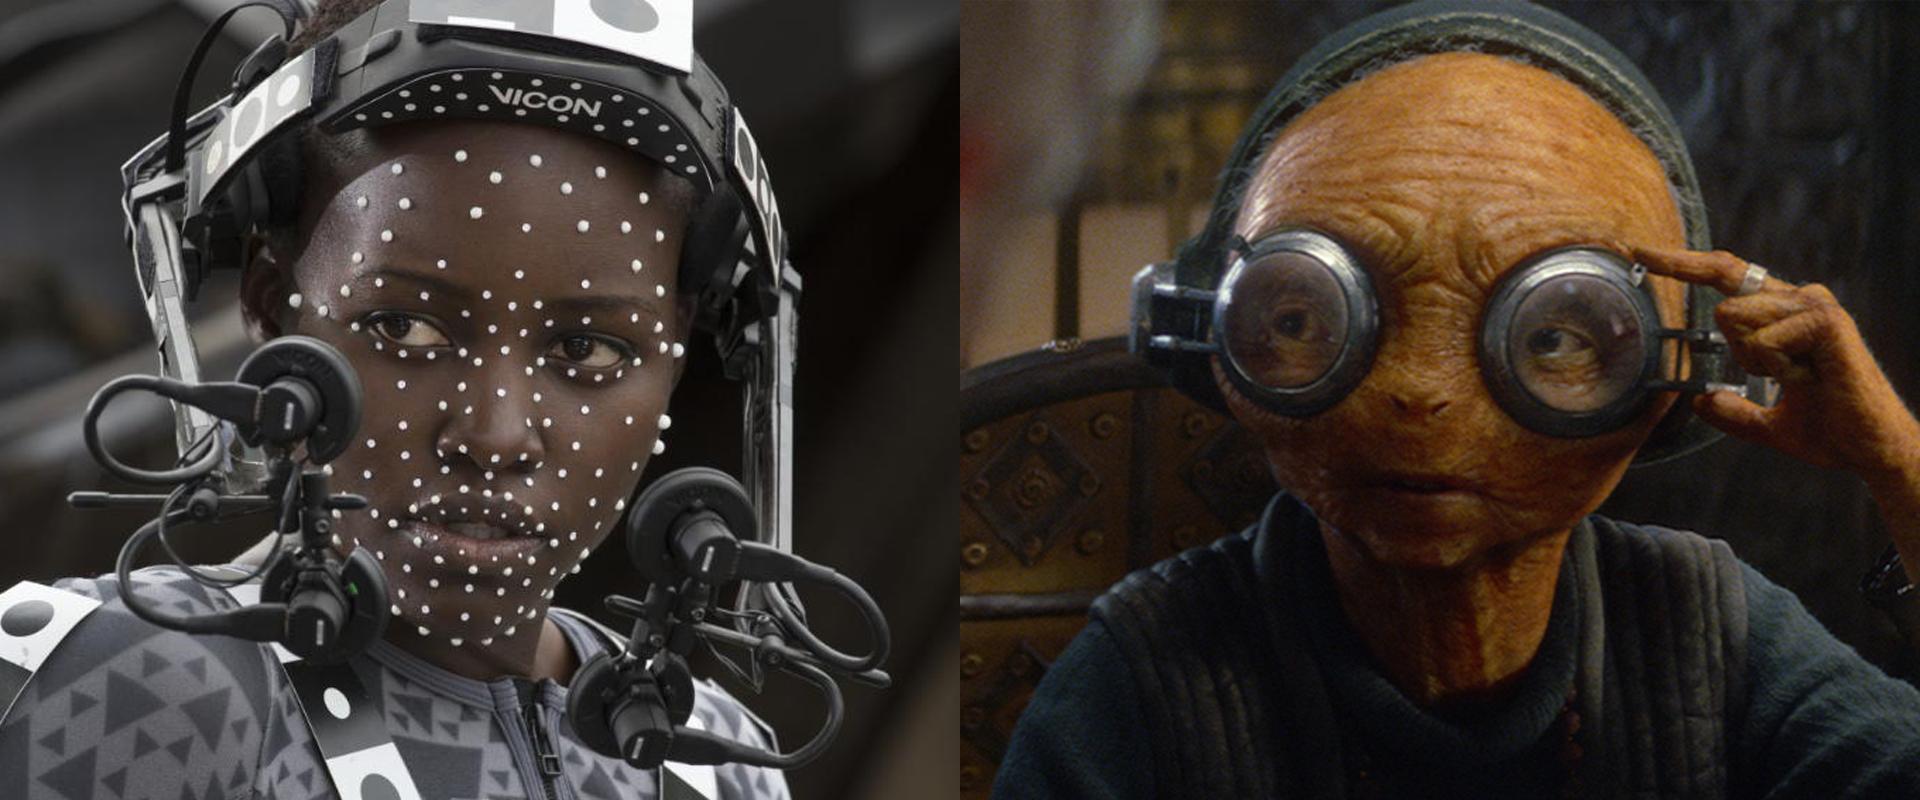 Vicon Cara | Lupita Nyong'o playing 'Maz' Kanata in Star Wars : The Force Awakens.